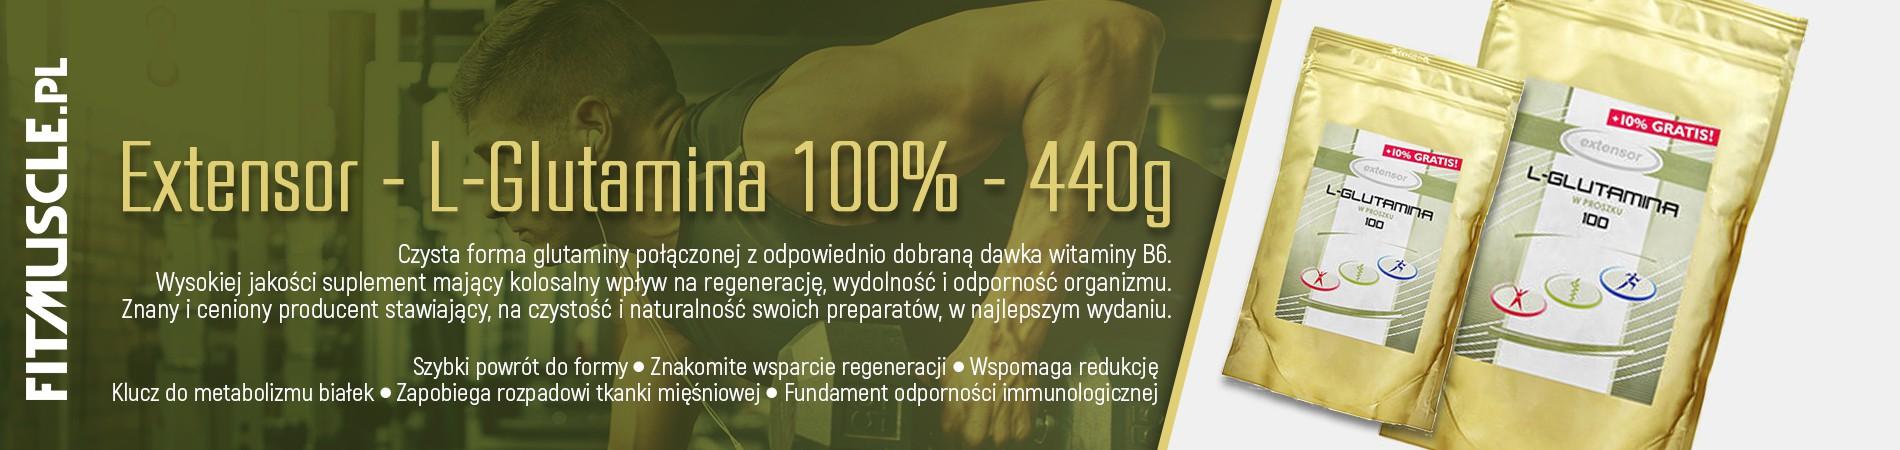 Extensor - Glutamina - 440g